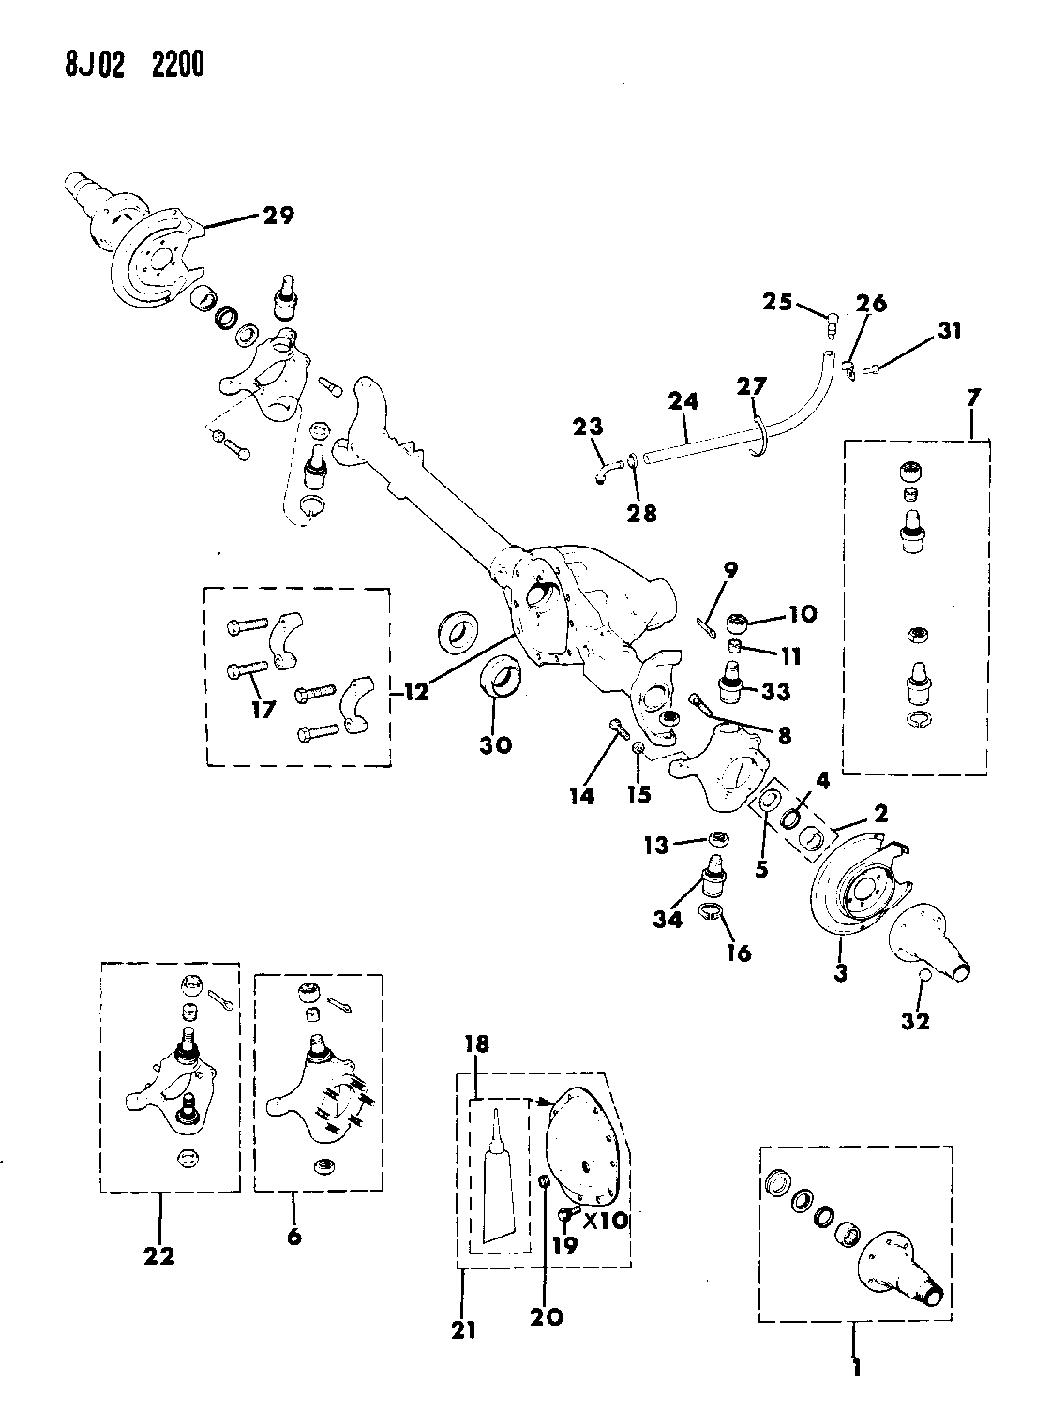 1990 Jeep Front Suspension Diagram - Wiring Diagrams Jeep Front Suspension Diagram on